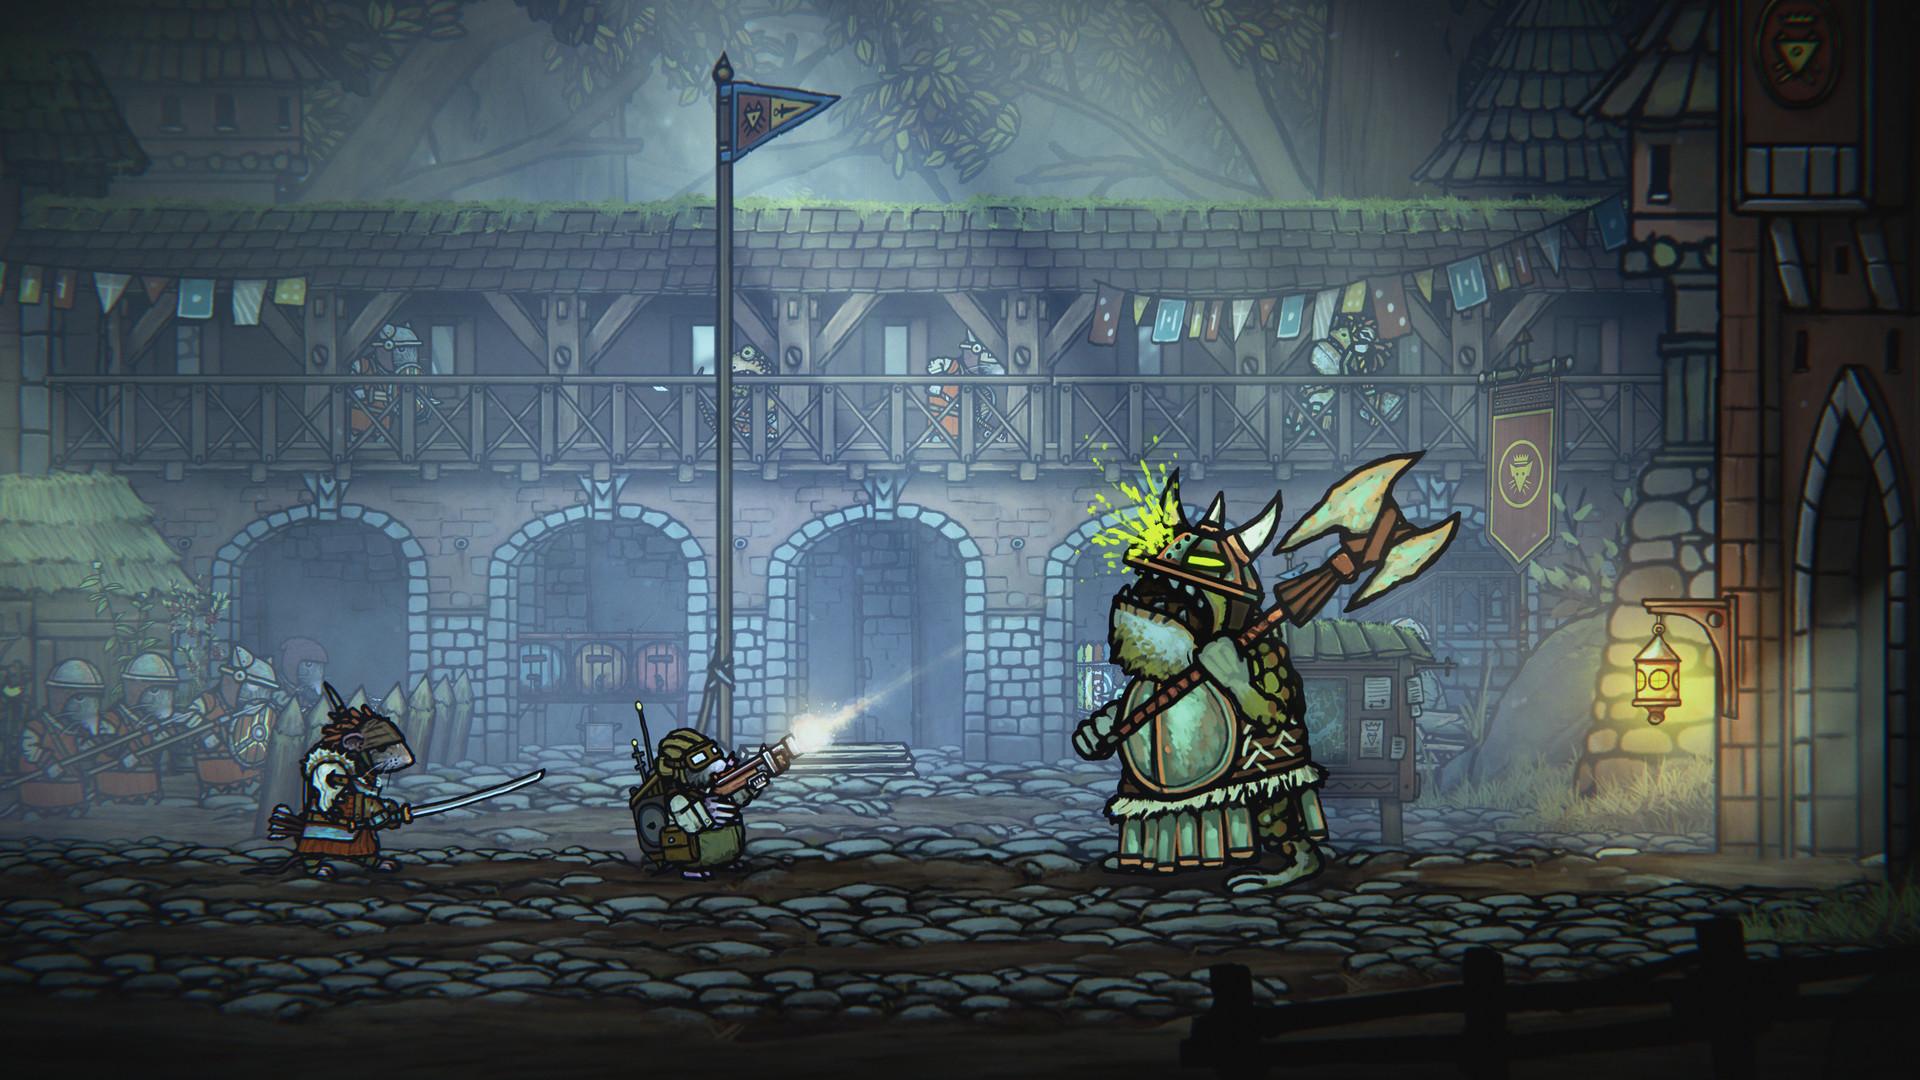 类魂游戏《钢铁之尾》今日正式发售 Steam特别好评插图3